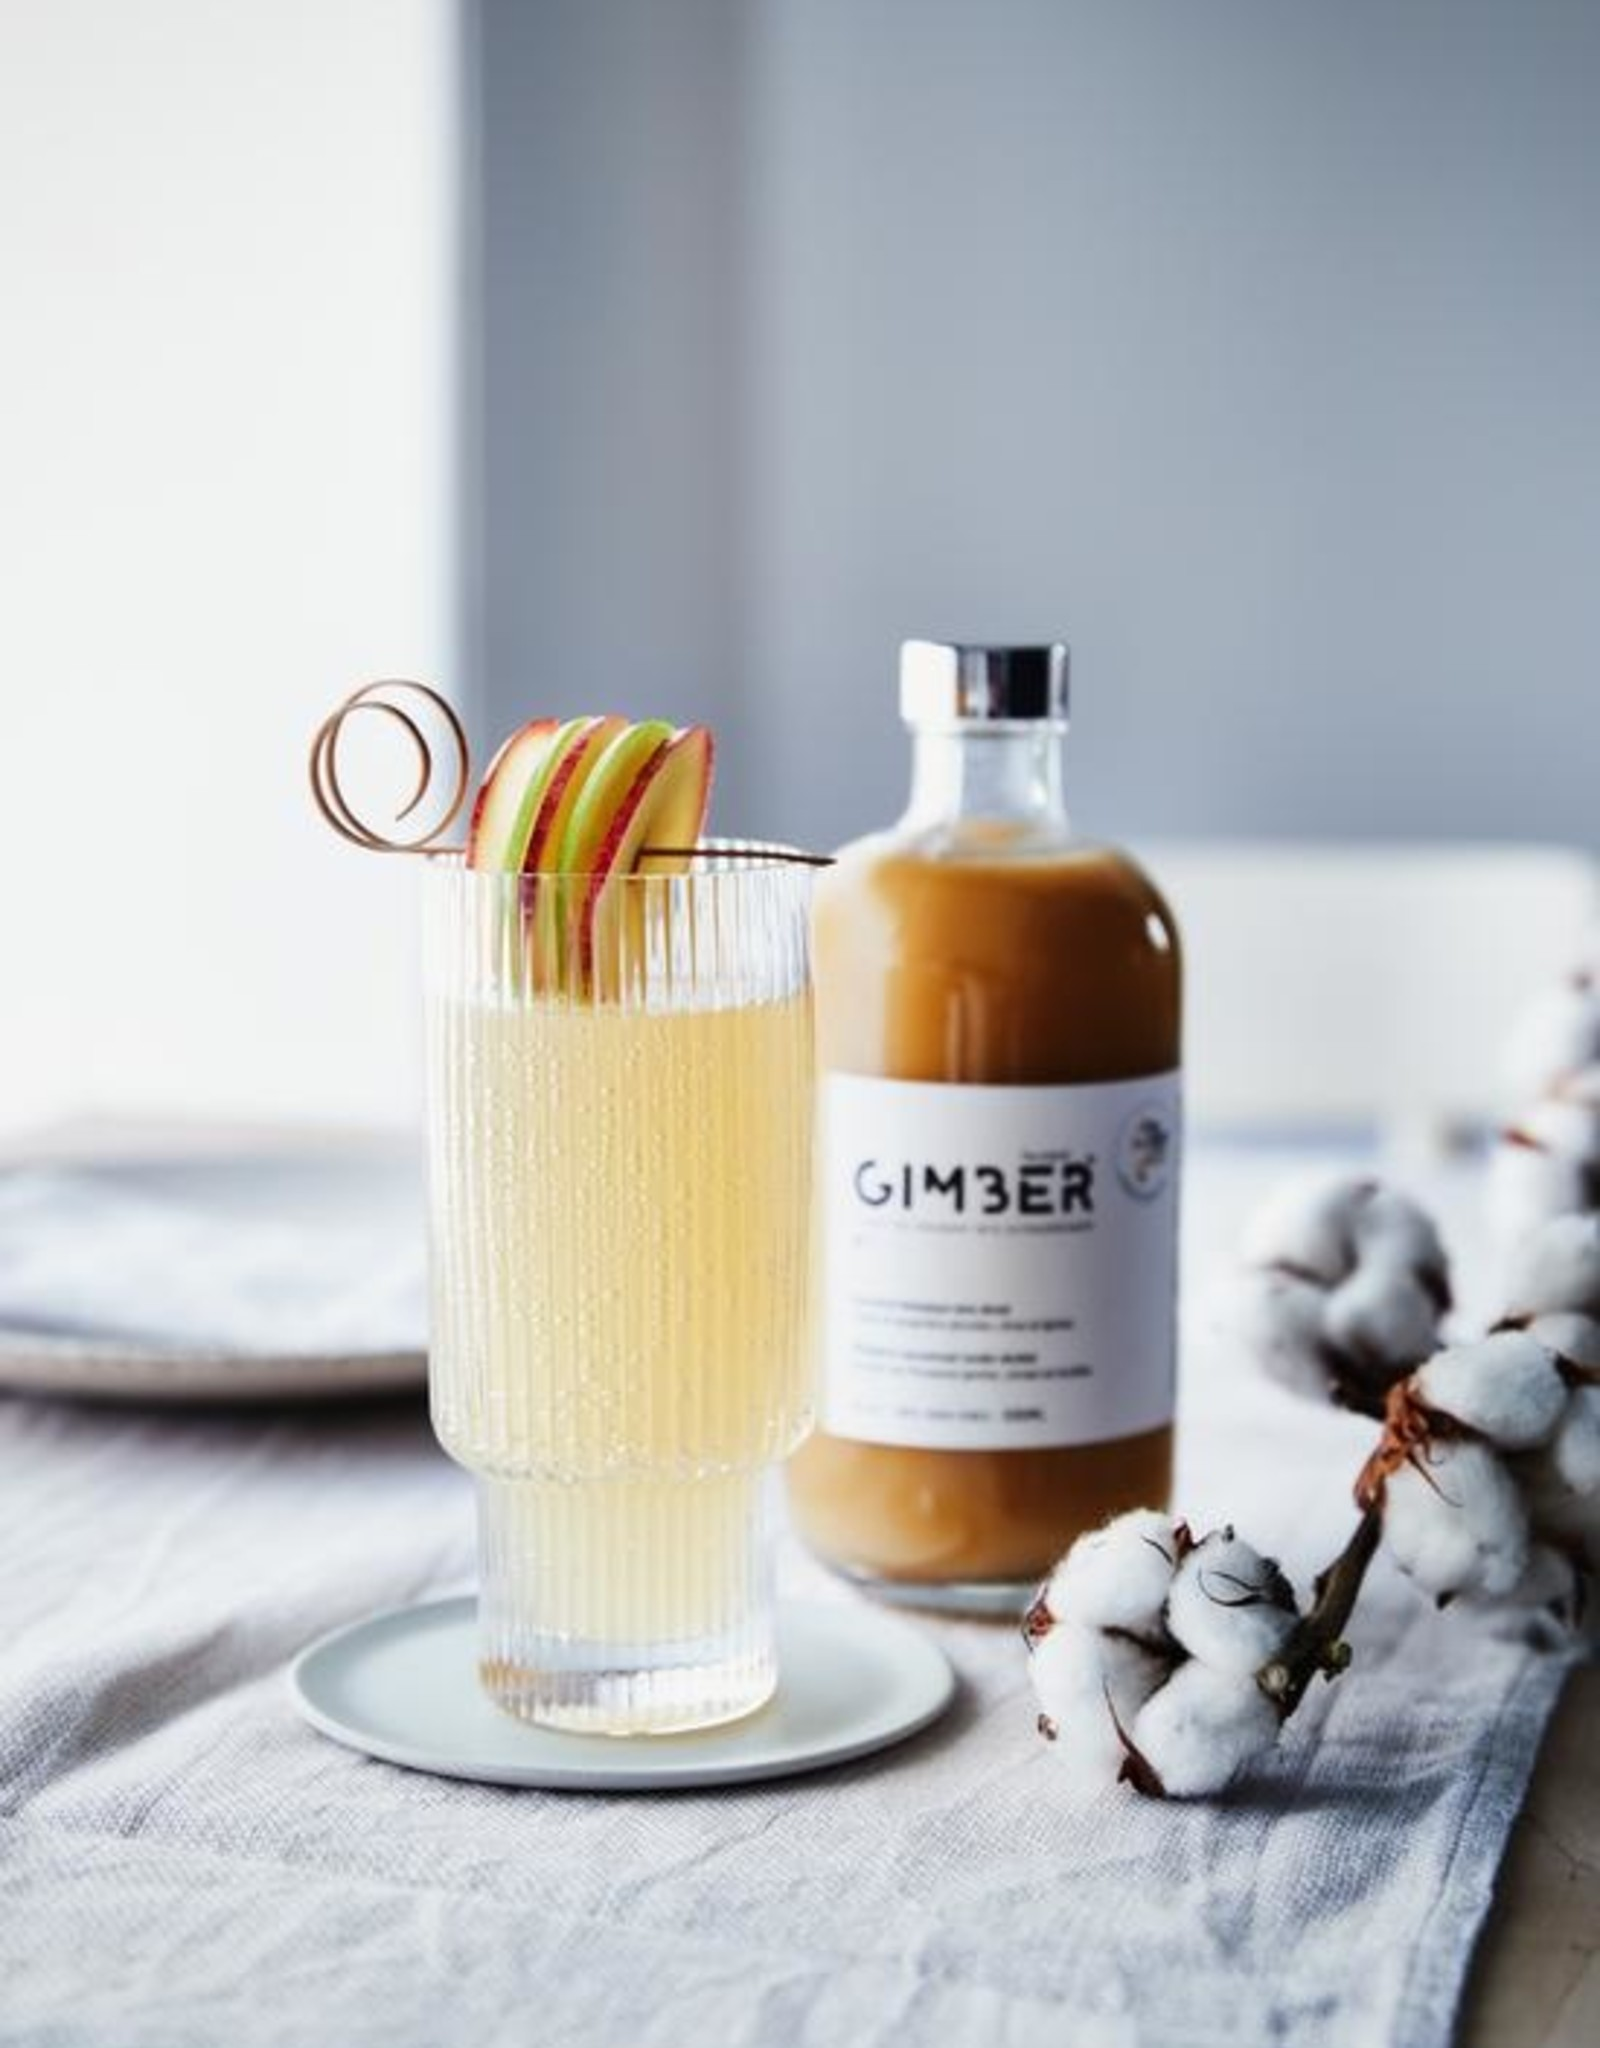 Gimber Gimber Bio-200ml